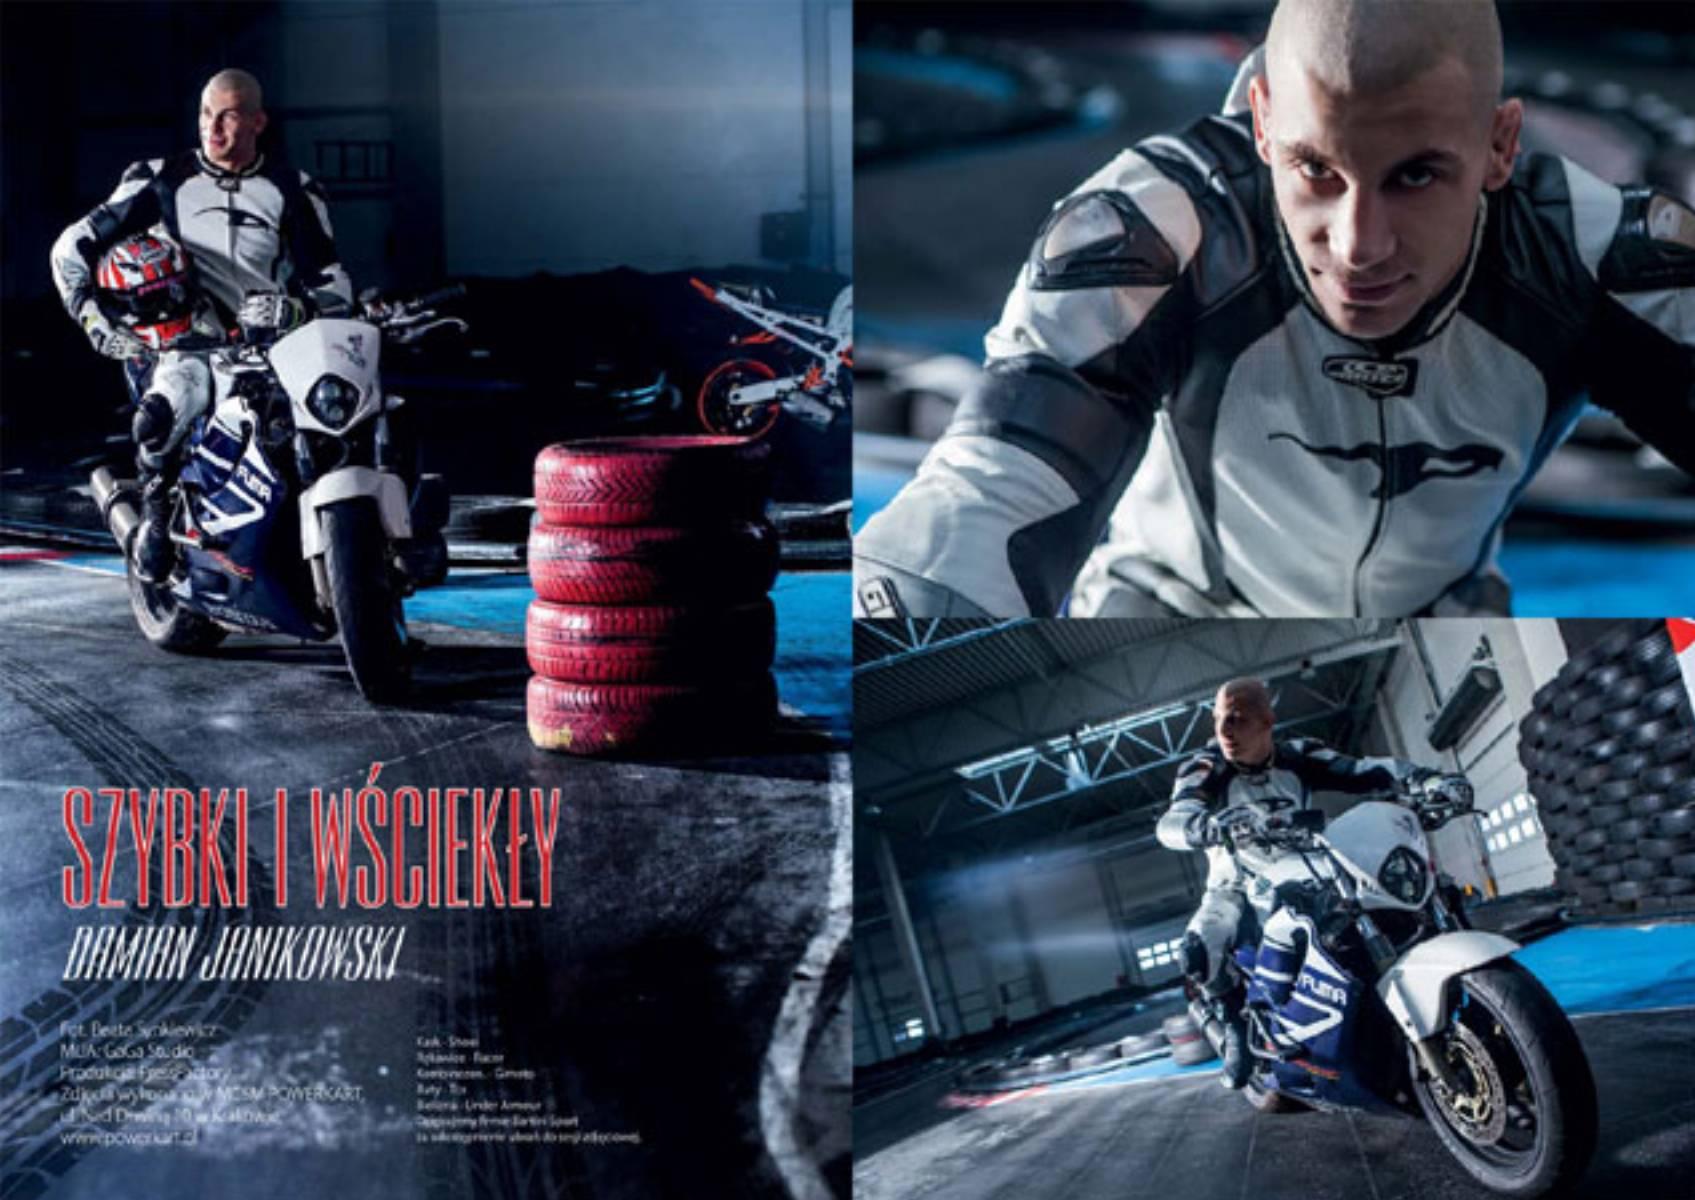 Damian Janikowski EksMagazyn (2)